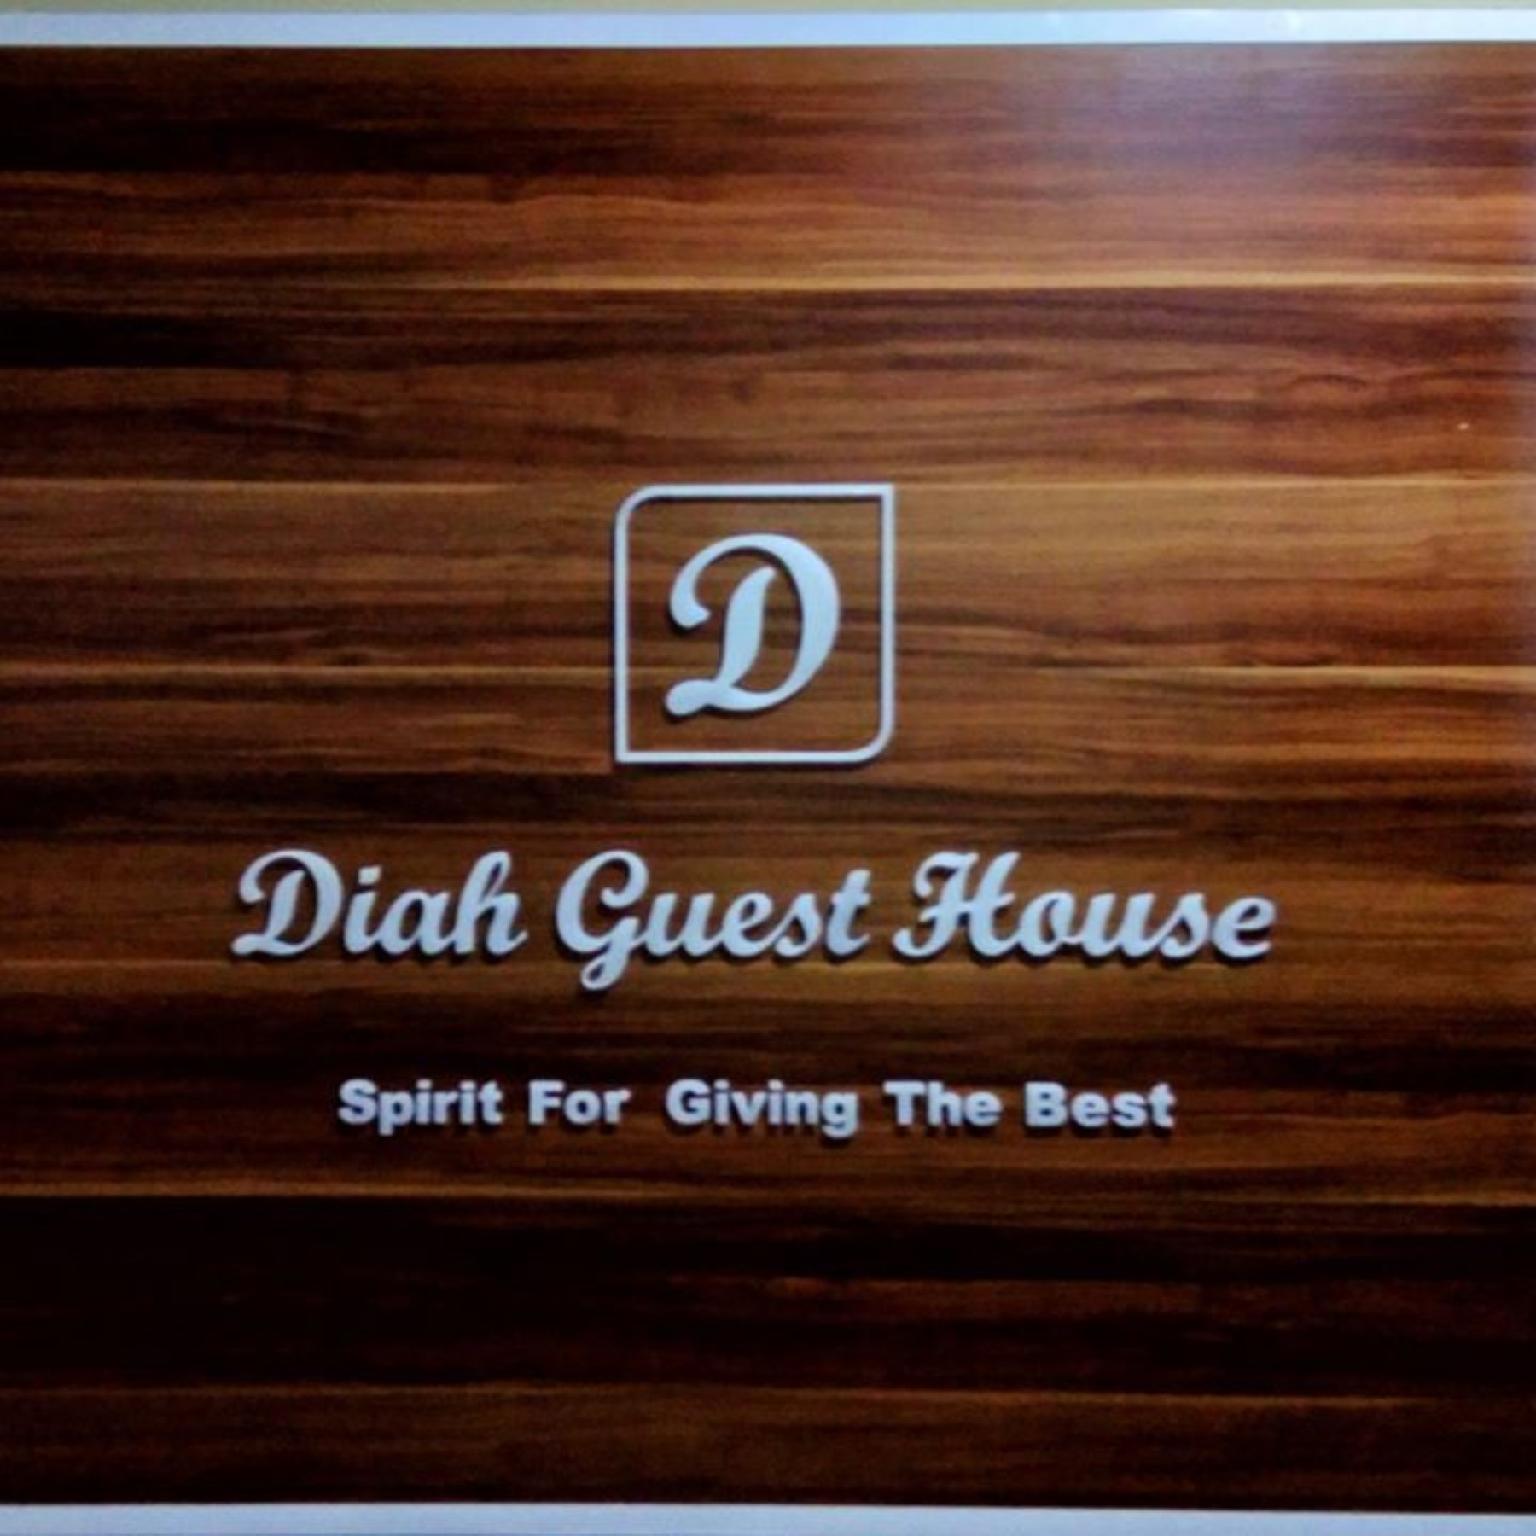 Diah Guest House, Banjar